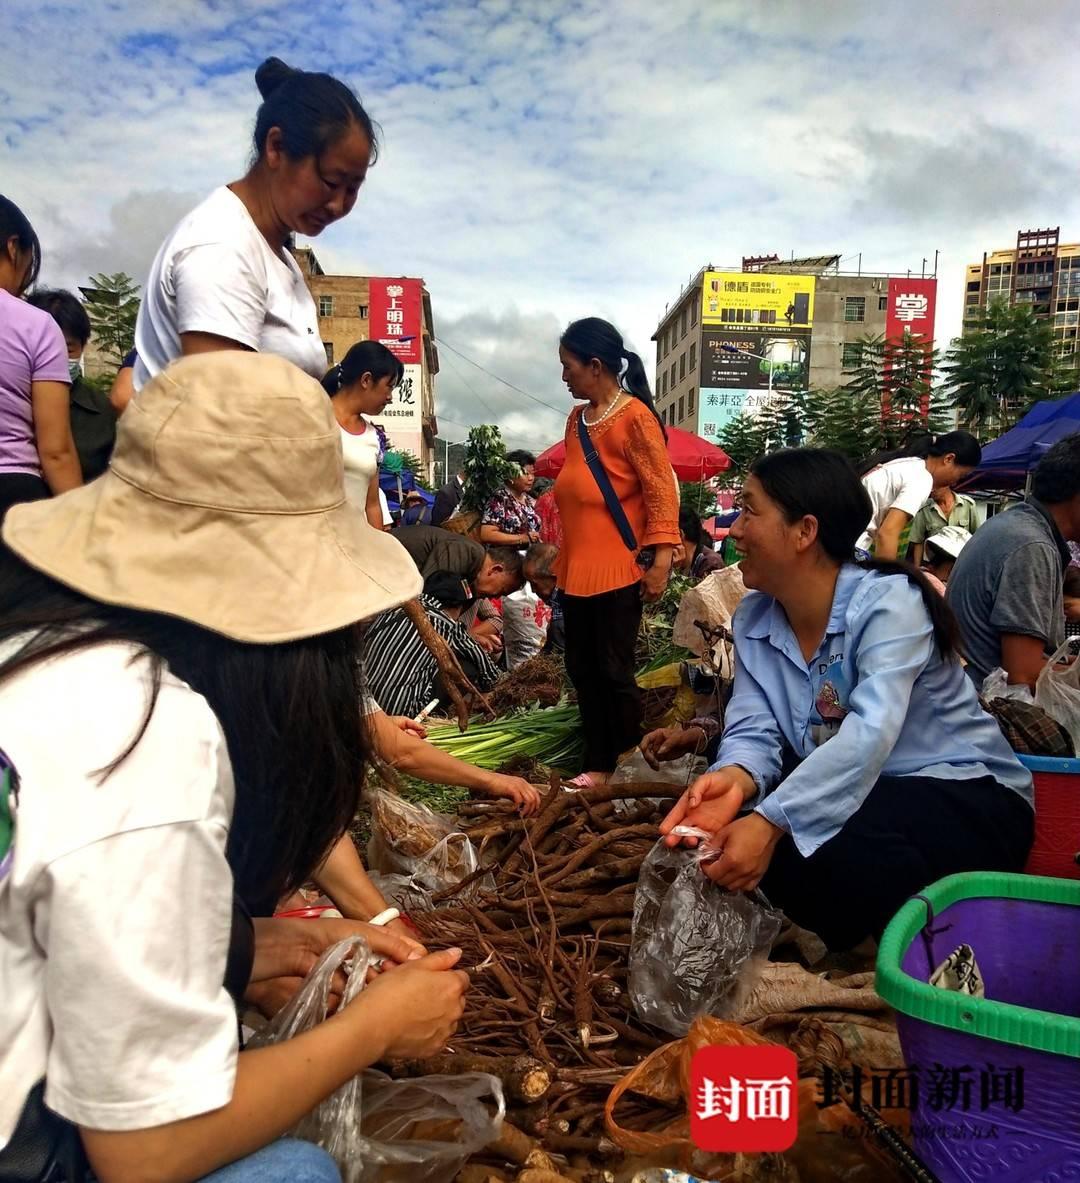 我们的节日·口述民俗丨四川会东城里端午前三天开卖草药 隆重程度不亚于过春节